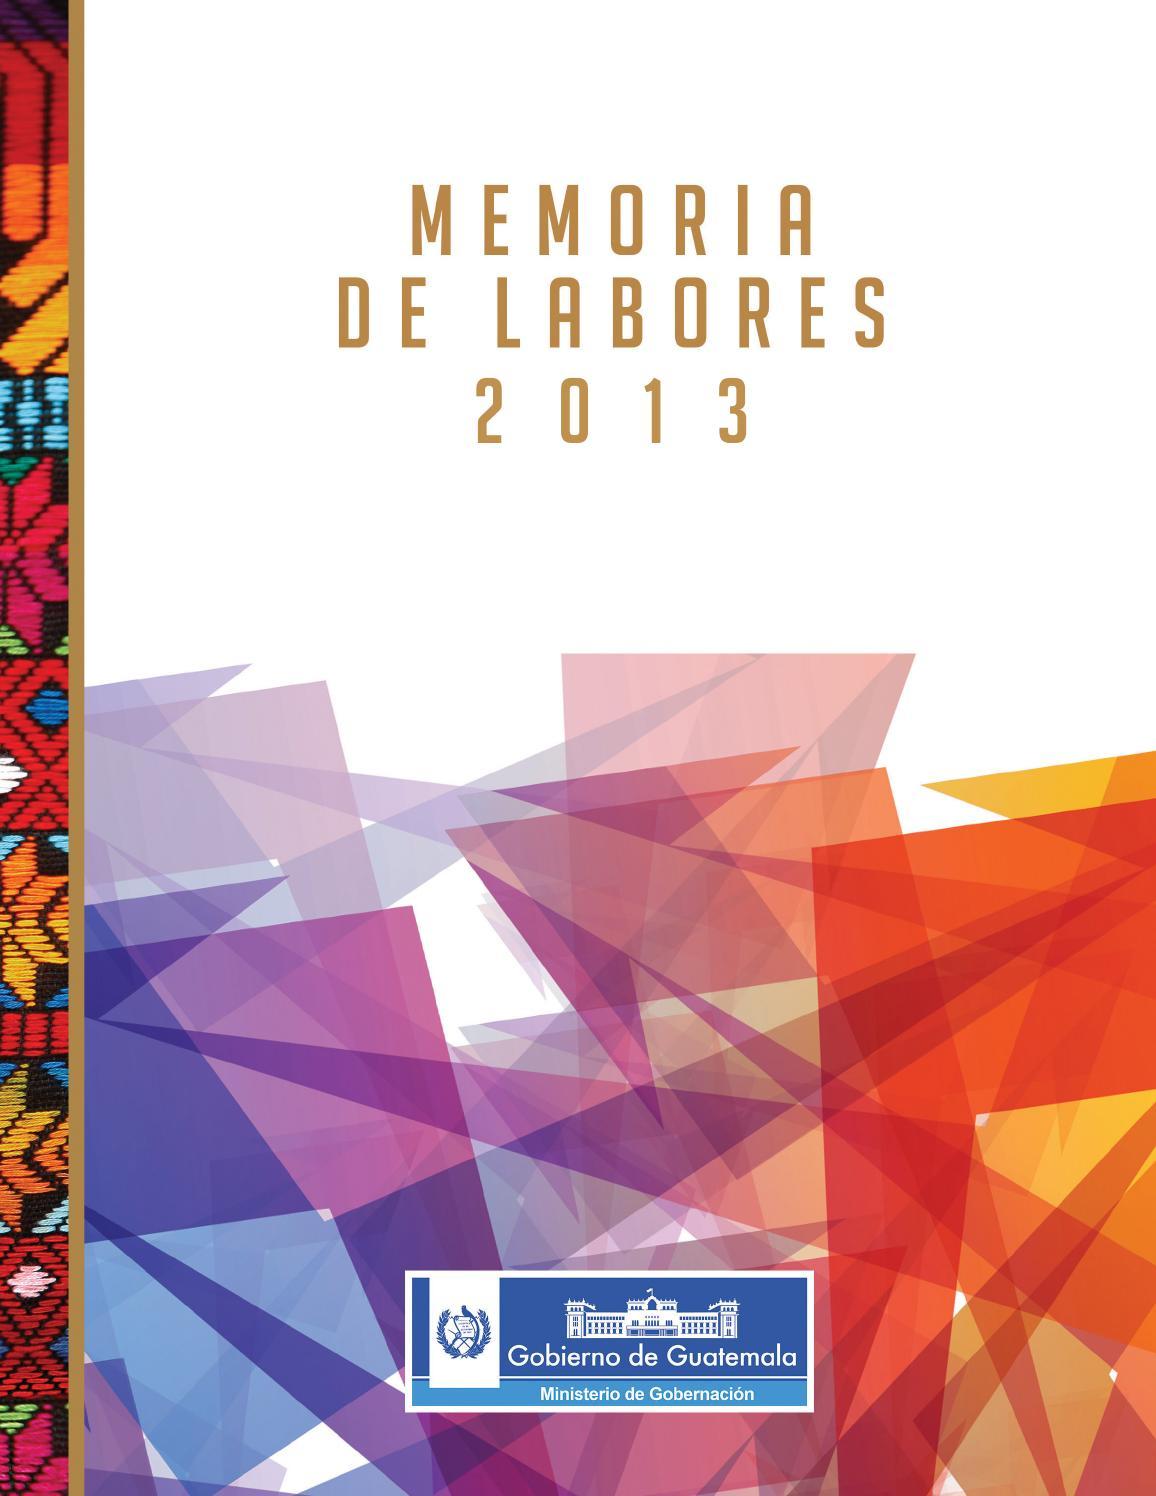 Issuu memoria de labores mingob 2013 by ministerio de for Ministerio de gobernacion